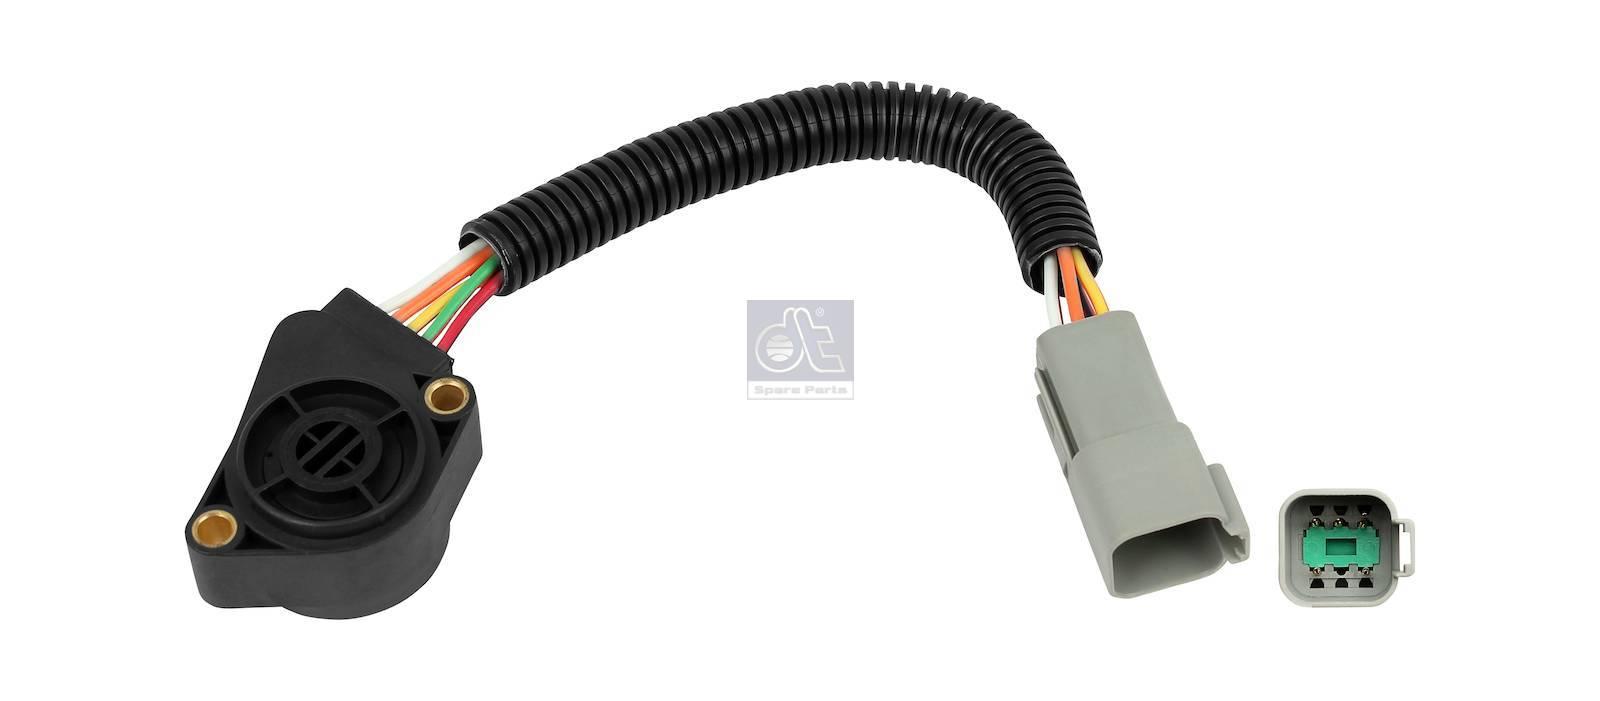 Capteur, pédale d'accélérateur, connecteur gris